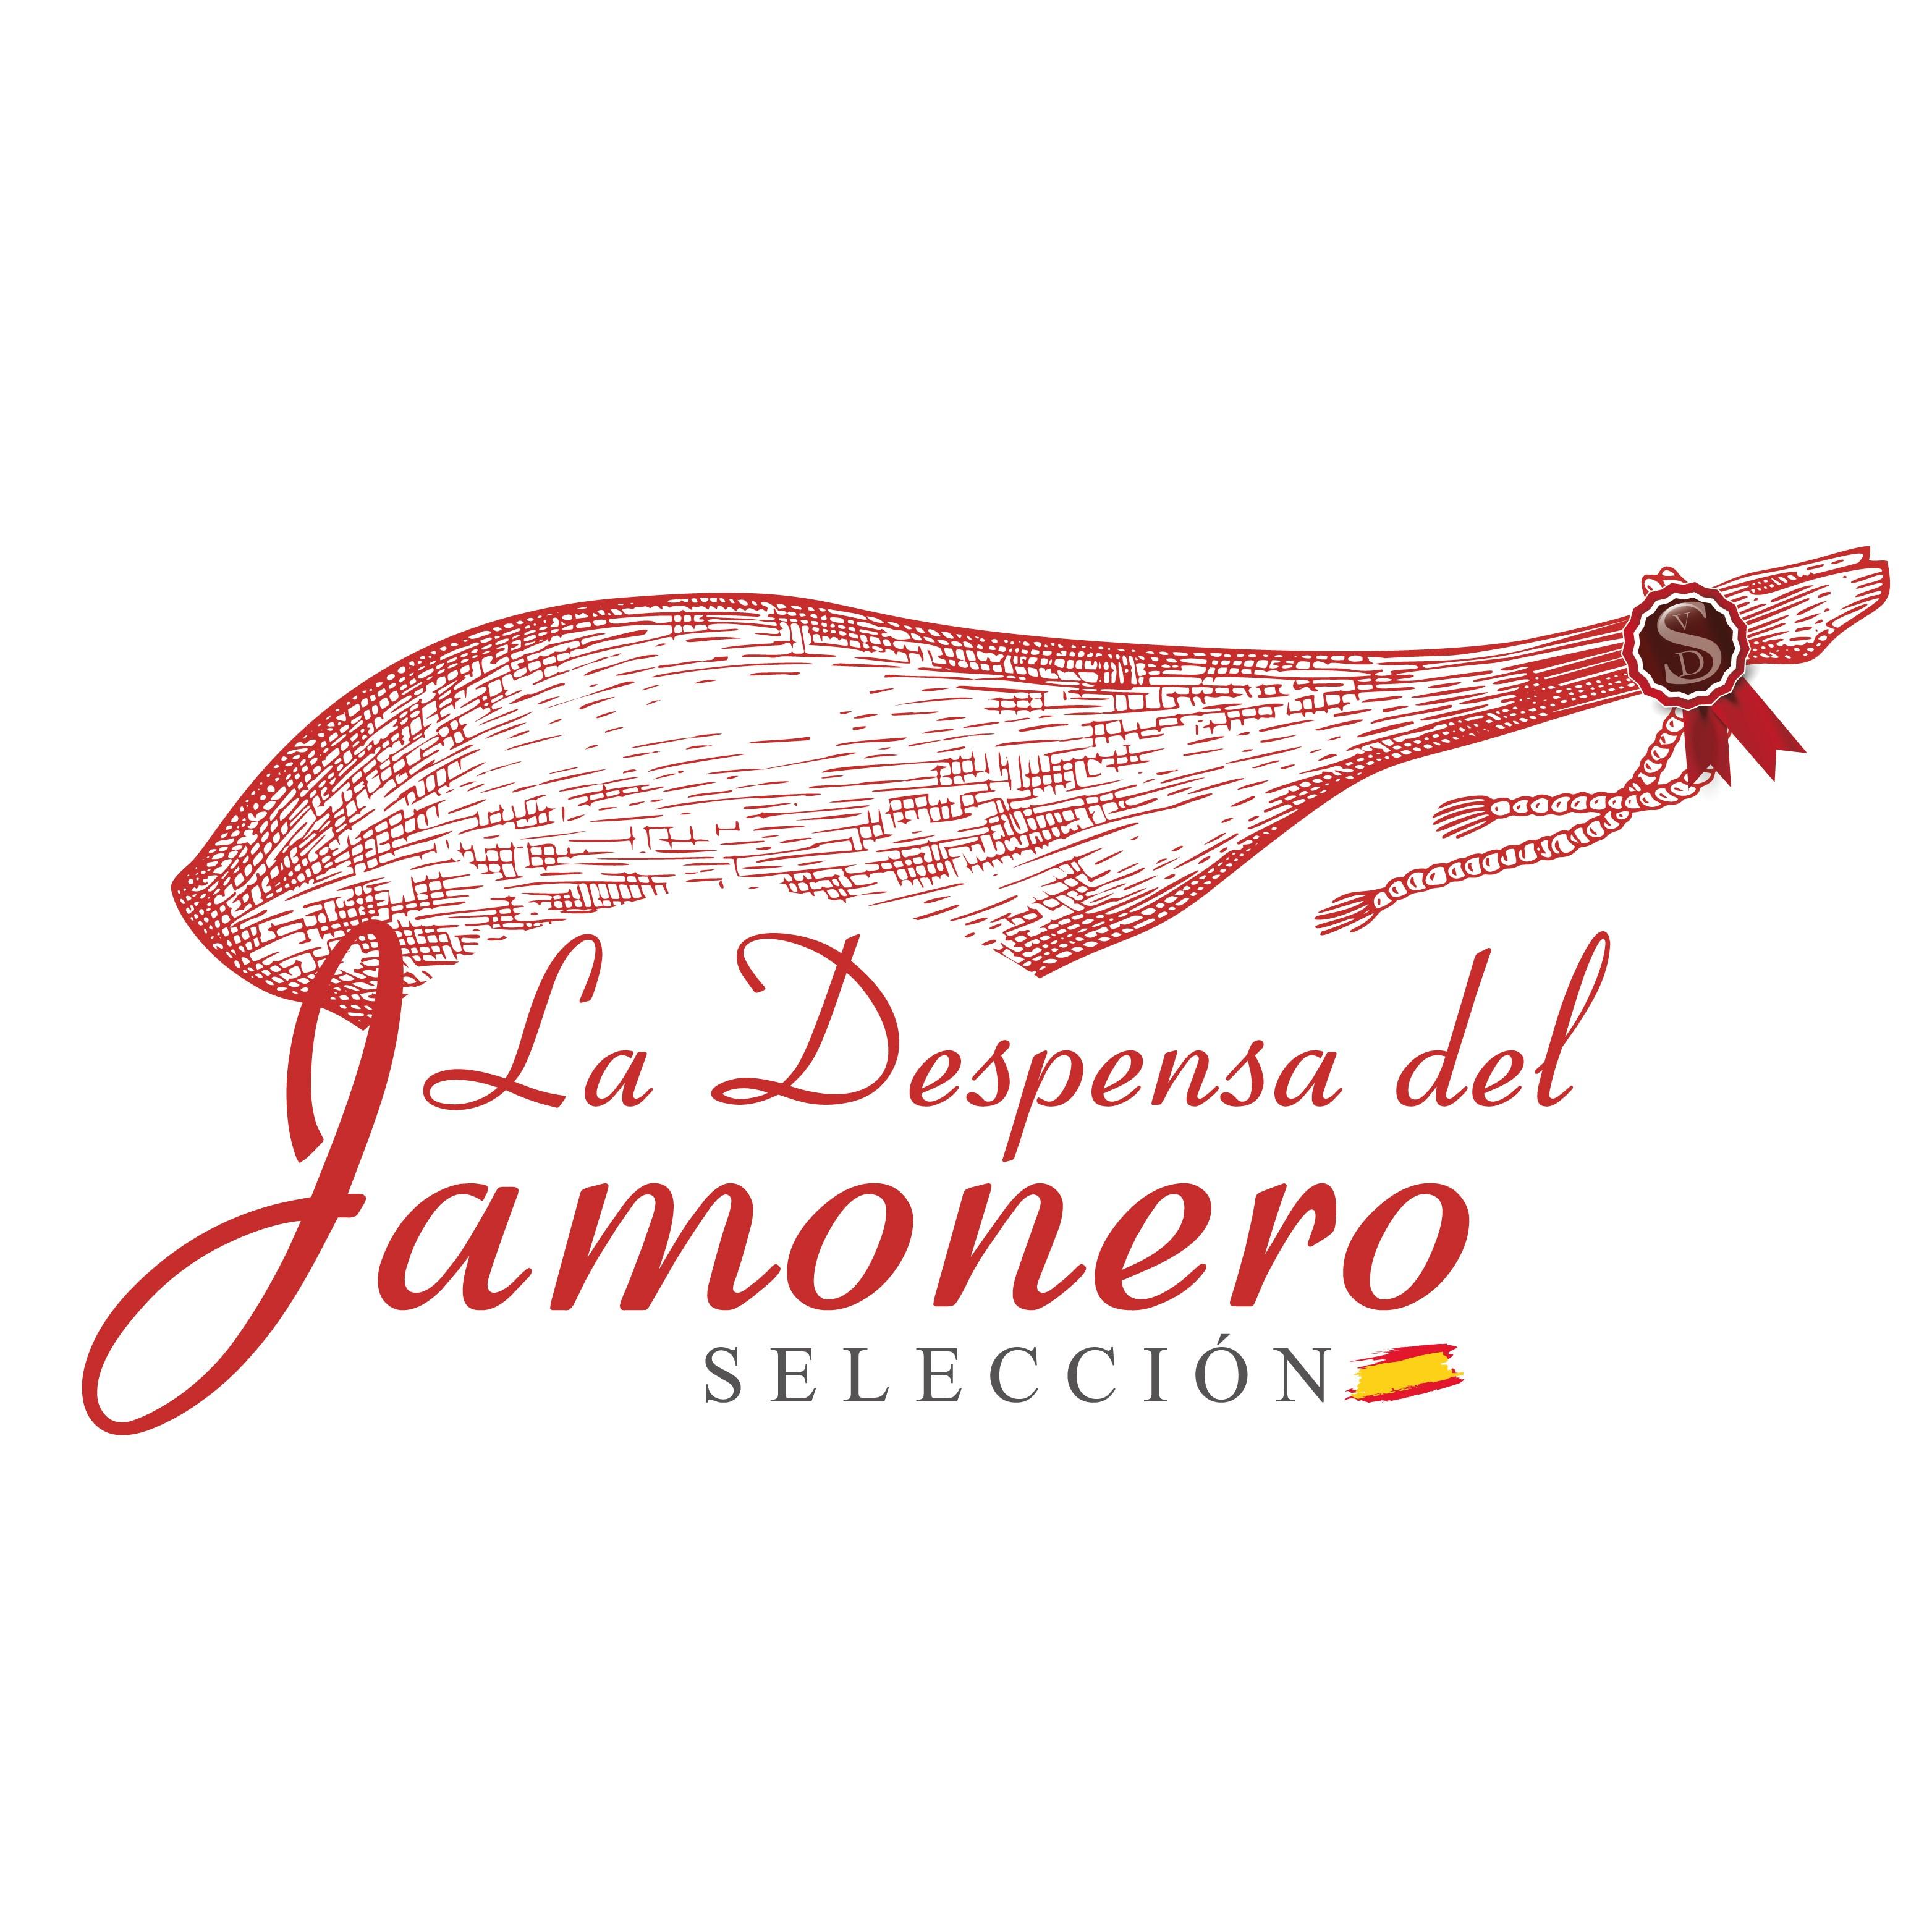 La Despensa del Jamonero